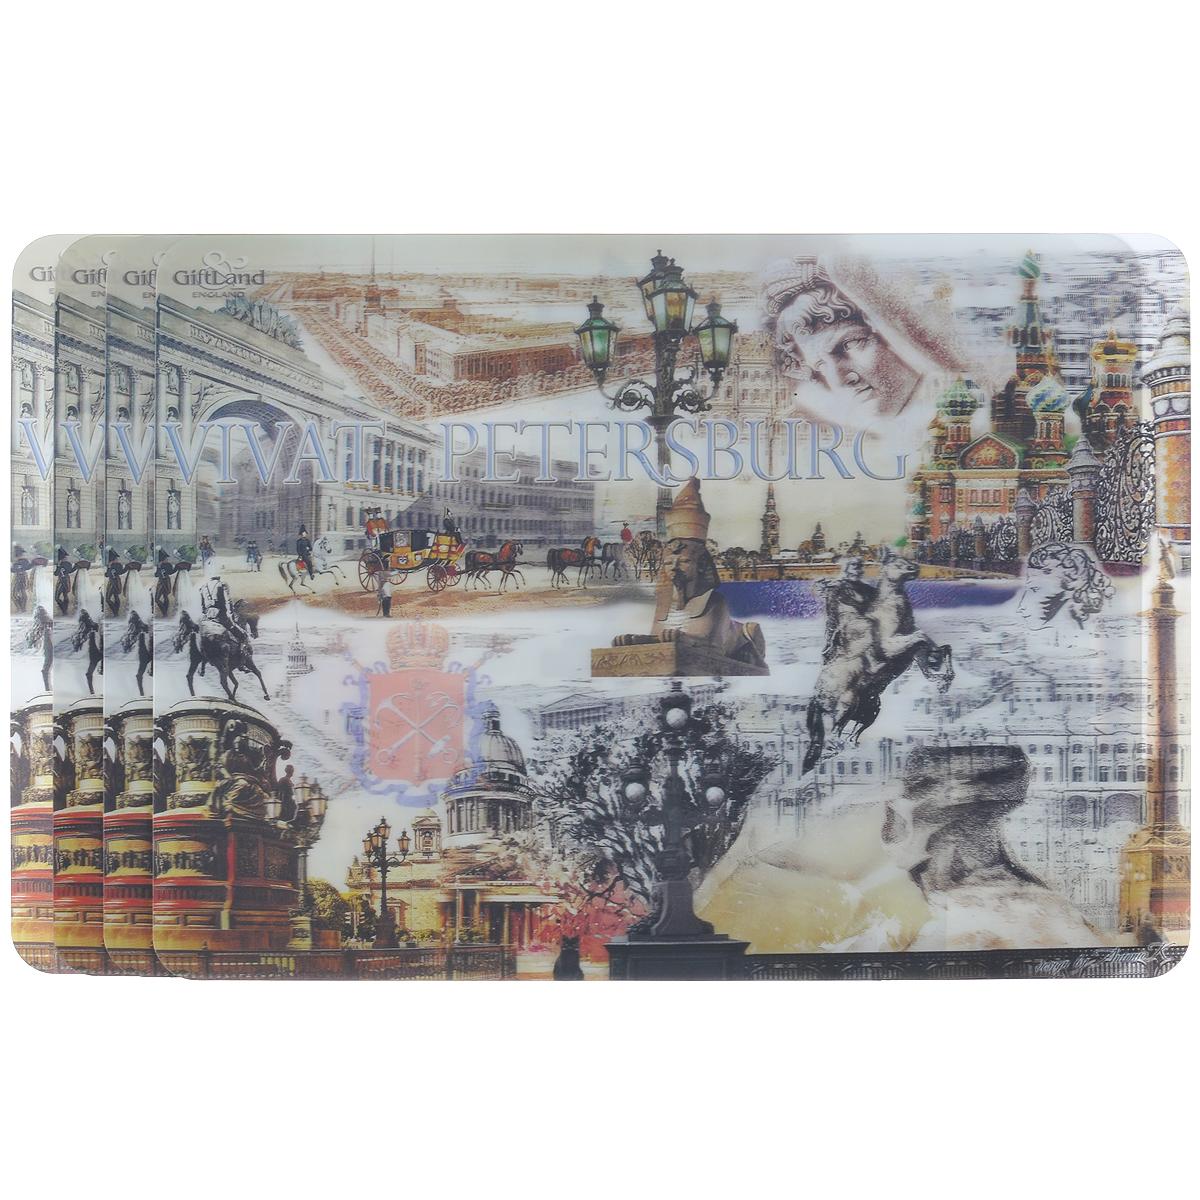 Набор сервировочных салфеток 3D GiftLand Виват Петербург, 34,5 х 24,5 см, 4 шт3D-21 СПбНабор GiftLand Виват Петербург, изготовленный из полипропилена, состоит из четырех сервировочных салфеток с эффектом 3D. Такие салфетки - это отличная идея для сервировки! Салфетки декорированы ярким объемным изображением достопримечательностей Санкт-Петербурга. Изделия защищают поверхность стола от воздействия температур, влаги и загрязнений, а также украшают интерьер. Могут использоваться для детского творчества (рисования, лепки из пластилина) в качестве защитного покрытия, подставки под вазы, кухонные приборы. Размер салфетки: 34,5 см х 24,5 см.